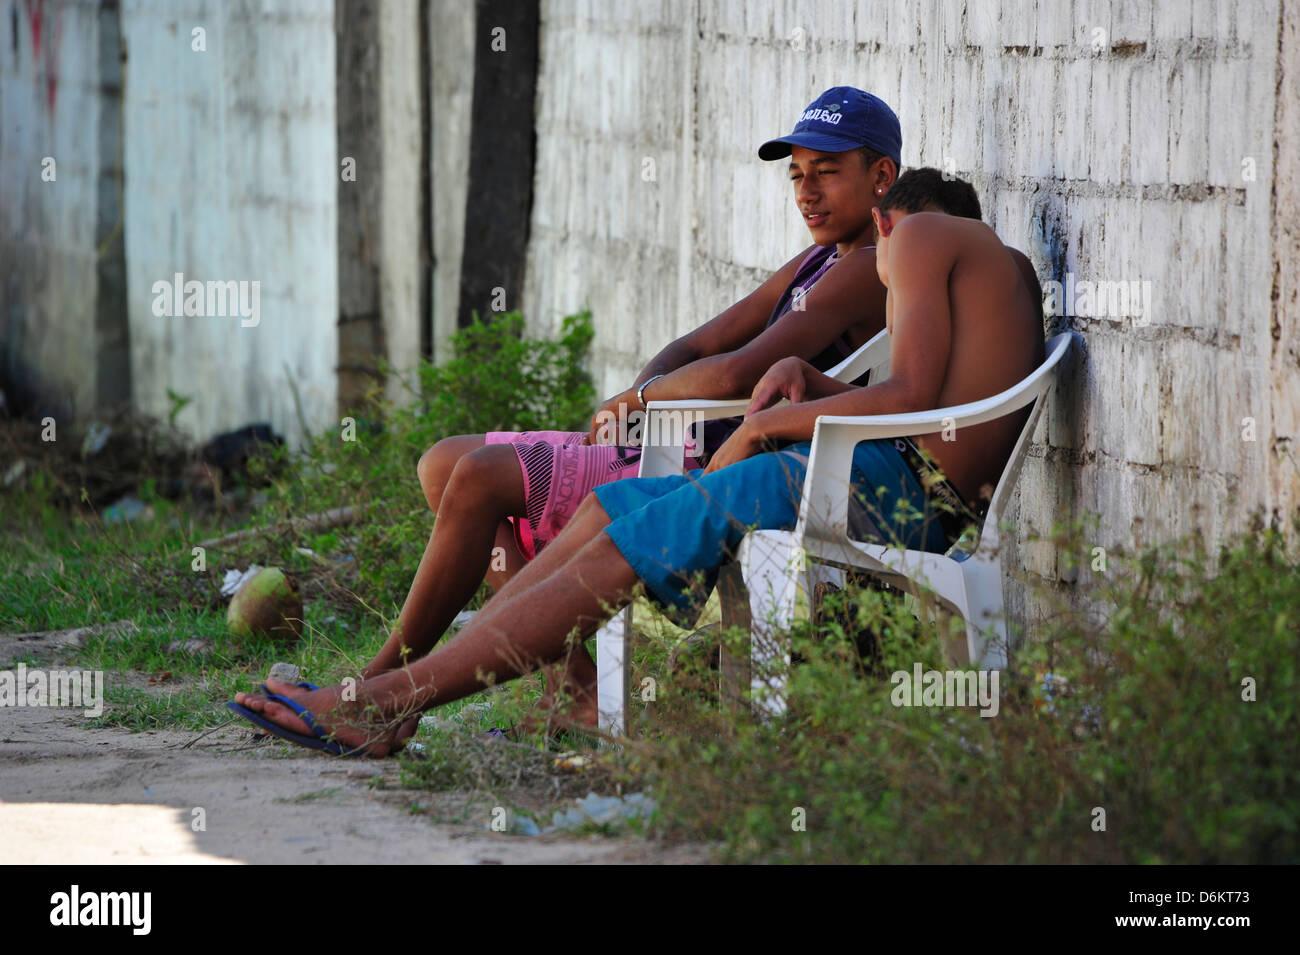 Siesta, Trancoso, Bahia, Brazil. - Stock Image